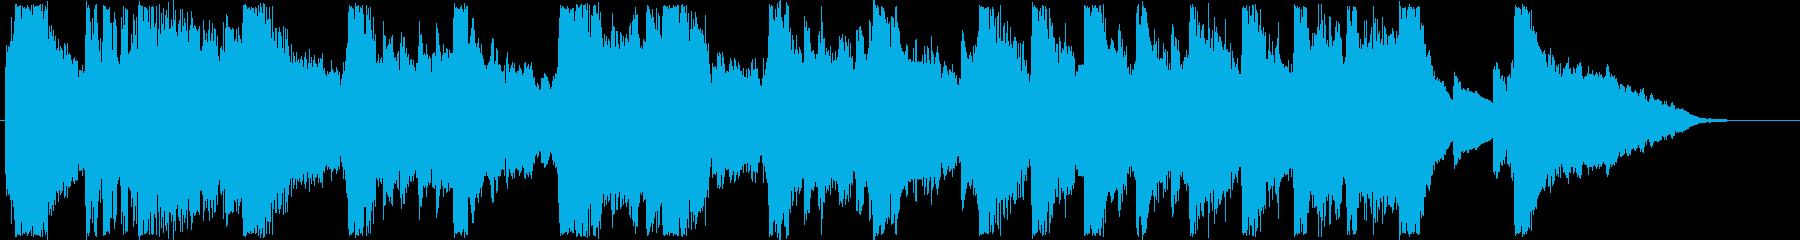 ふんわりした変則気味のオルゴール音の再生済みの波形